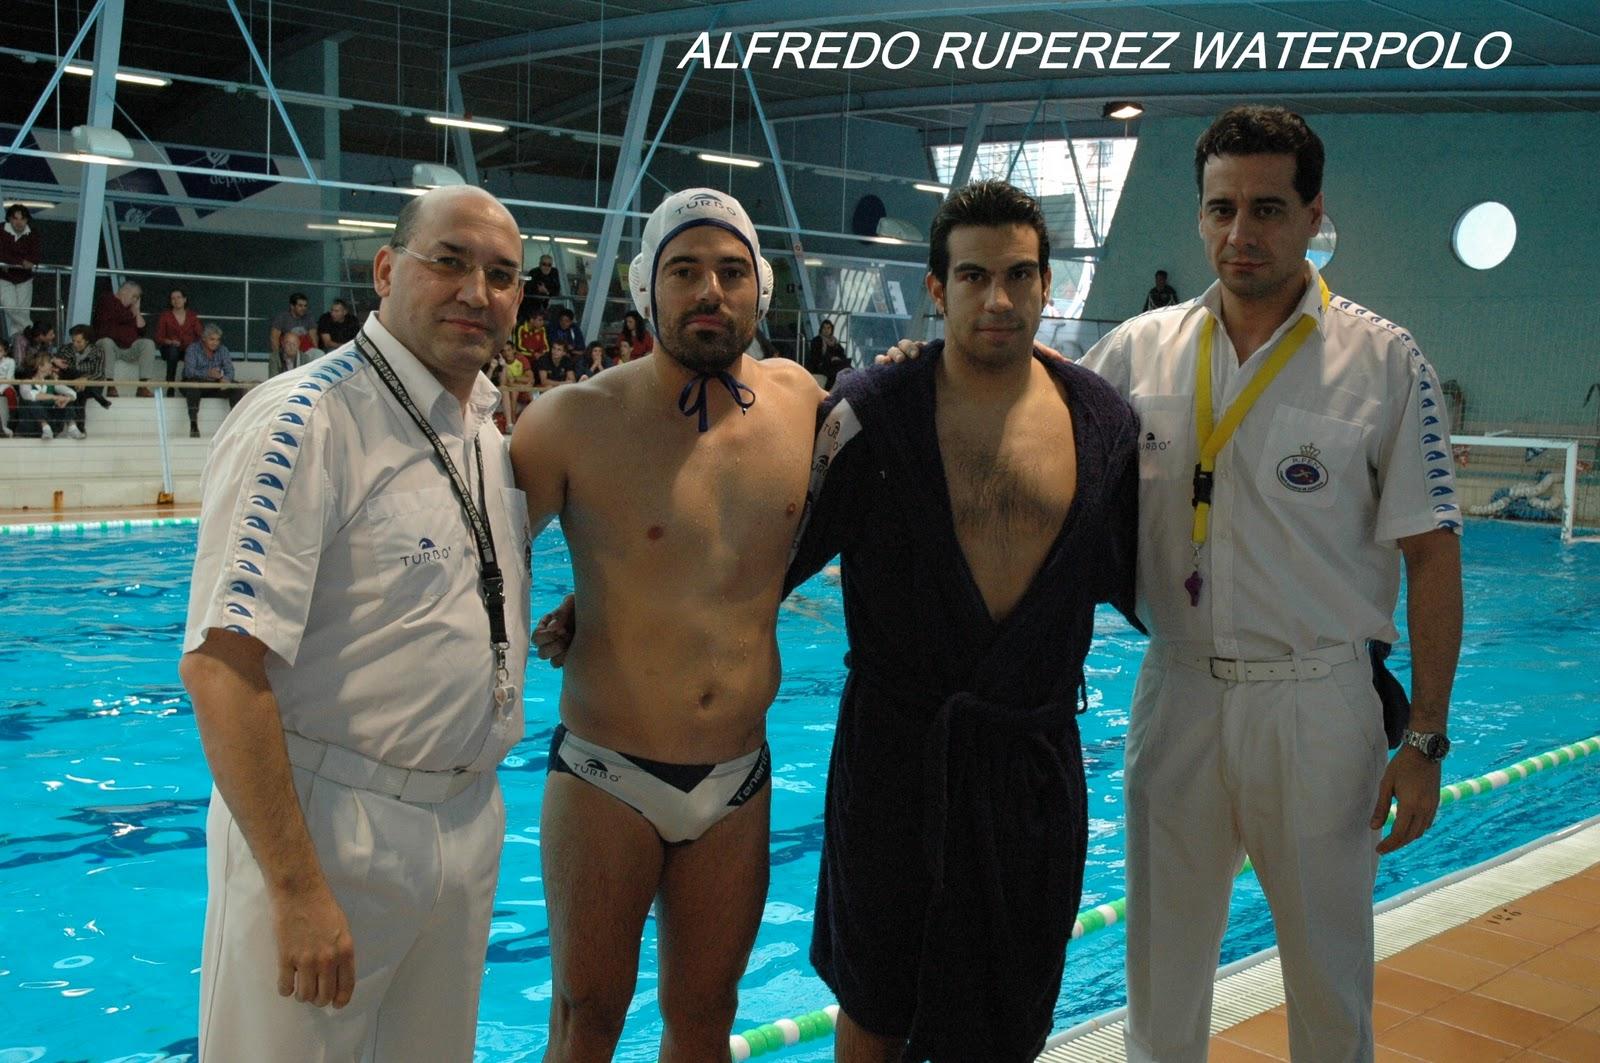 Alfredo ruperez waterpolo enero 2012 for Piscina julio navarro